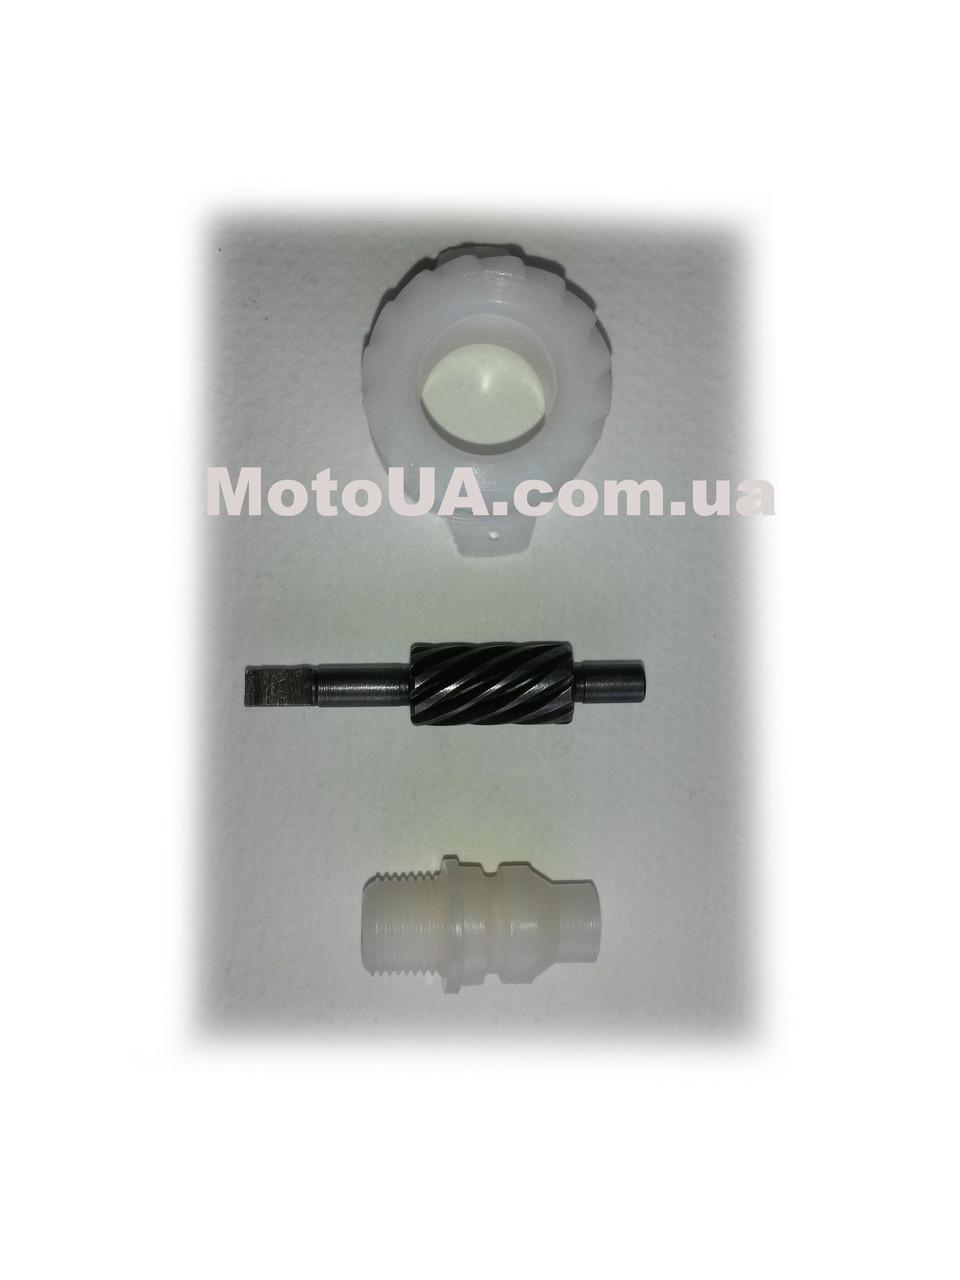 Ремкомплект привода спидометра SUZUKI LETS II/III